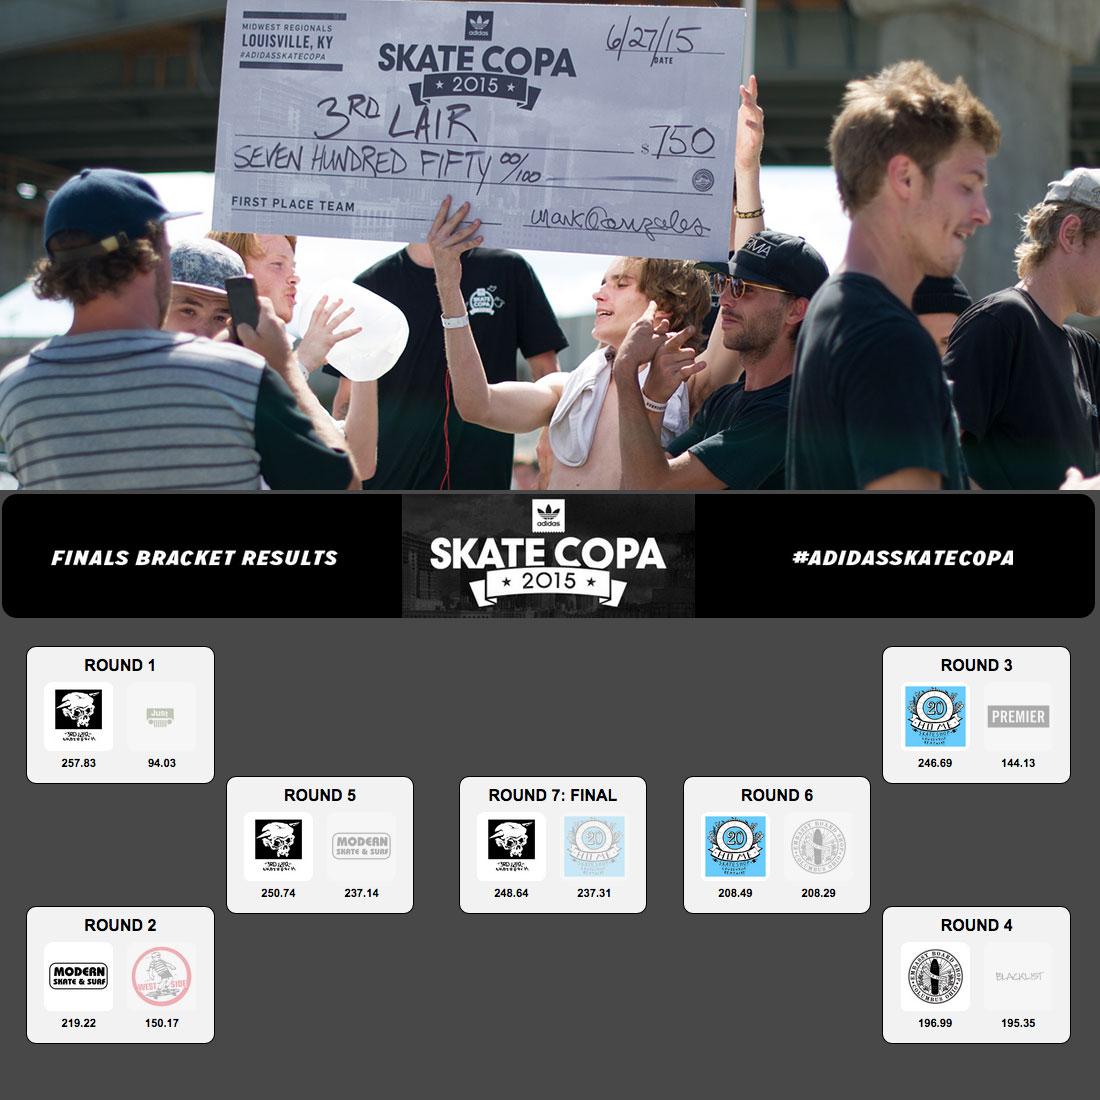 3rd Lair Wins adidas Skate Copa Louisville